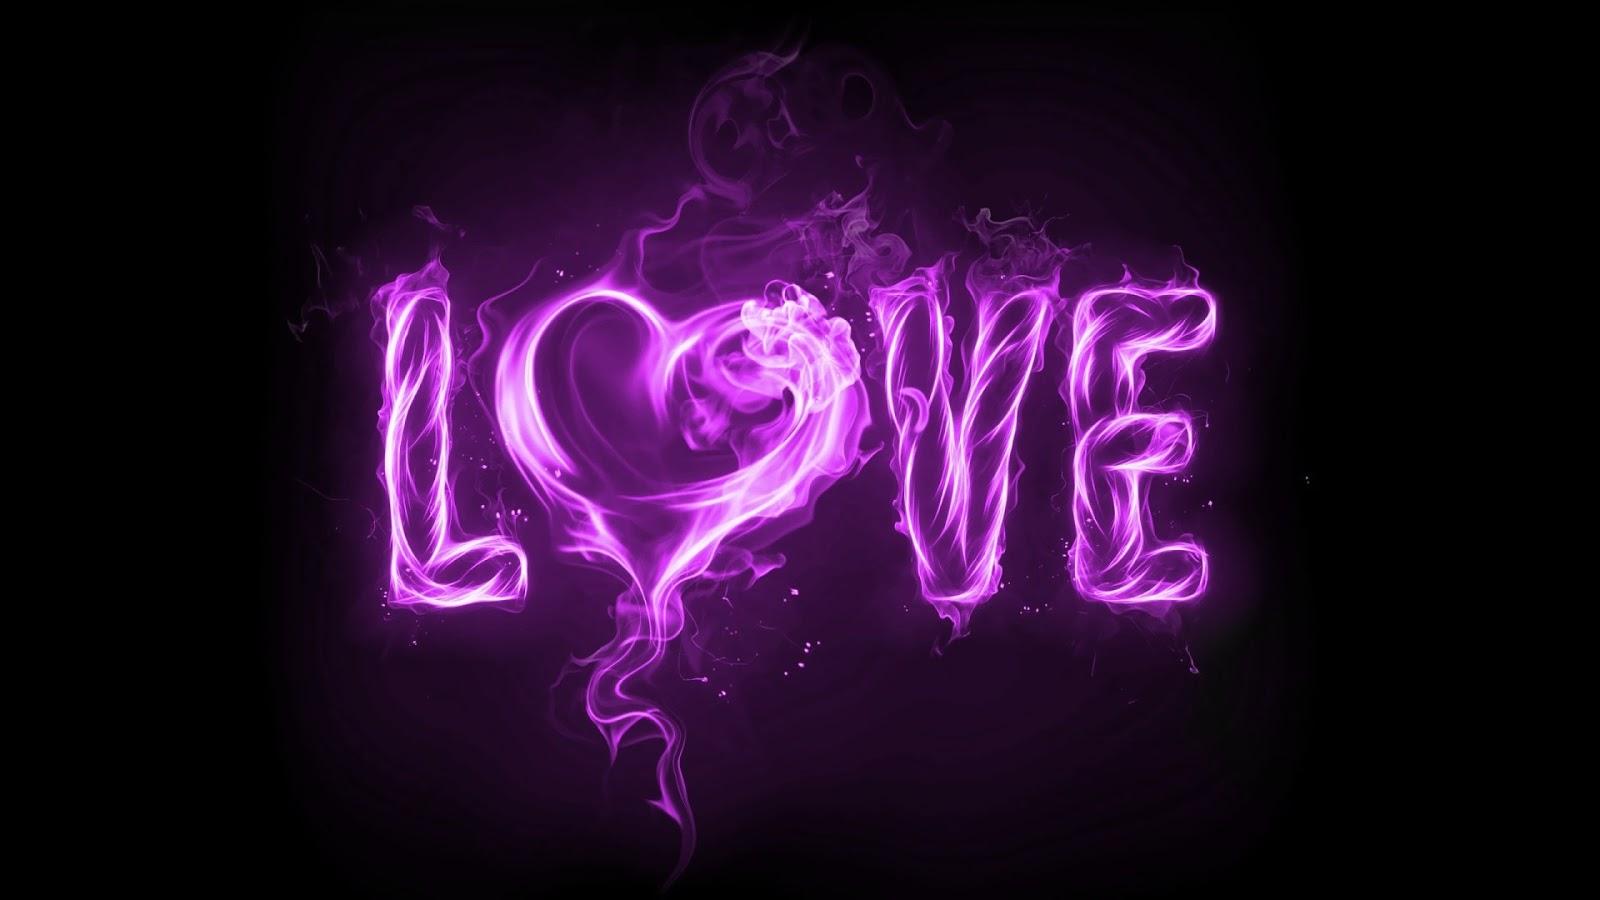 Love Wallpaper Download Free Full Hd 1920x1080